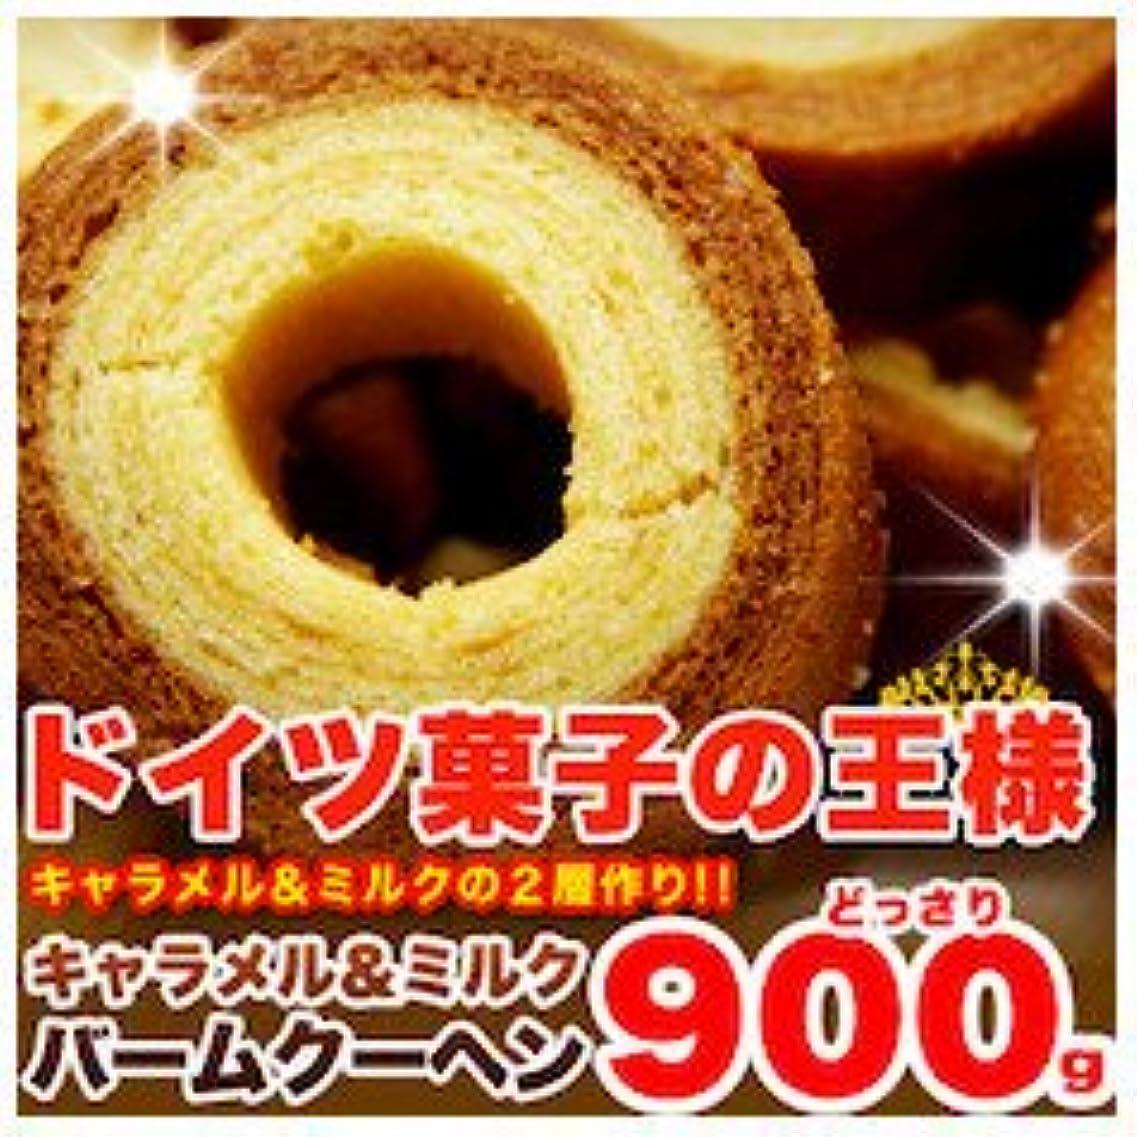 入場料パイントマインド【訳あり】 キャラメル&ミルクバームクーヘン どっさり900g